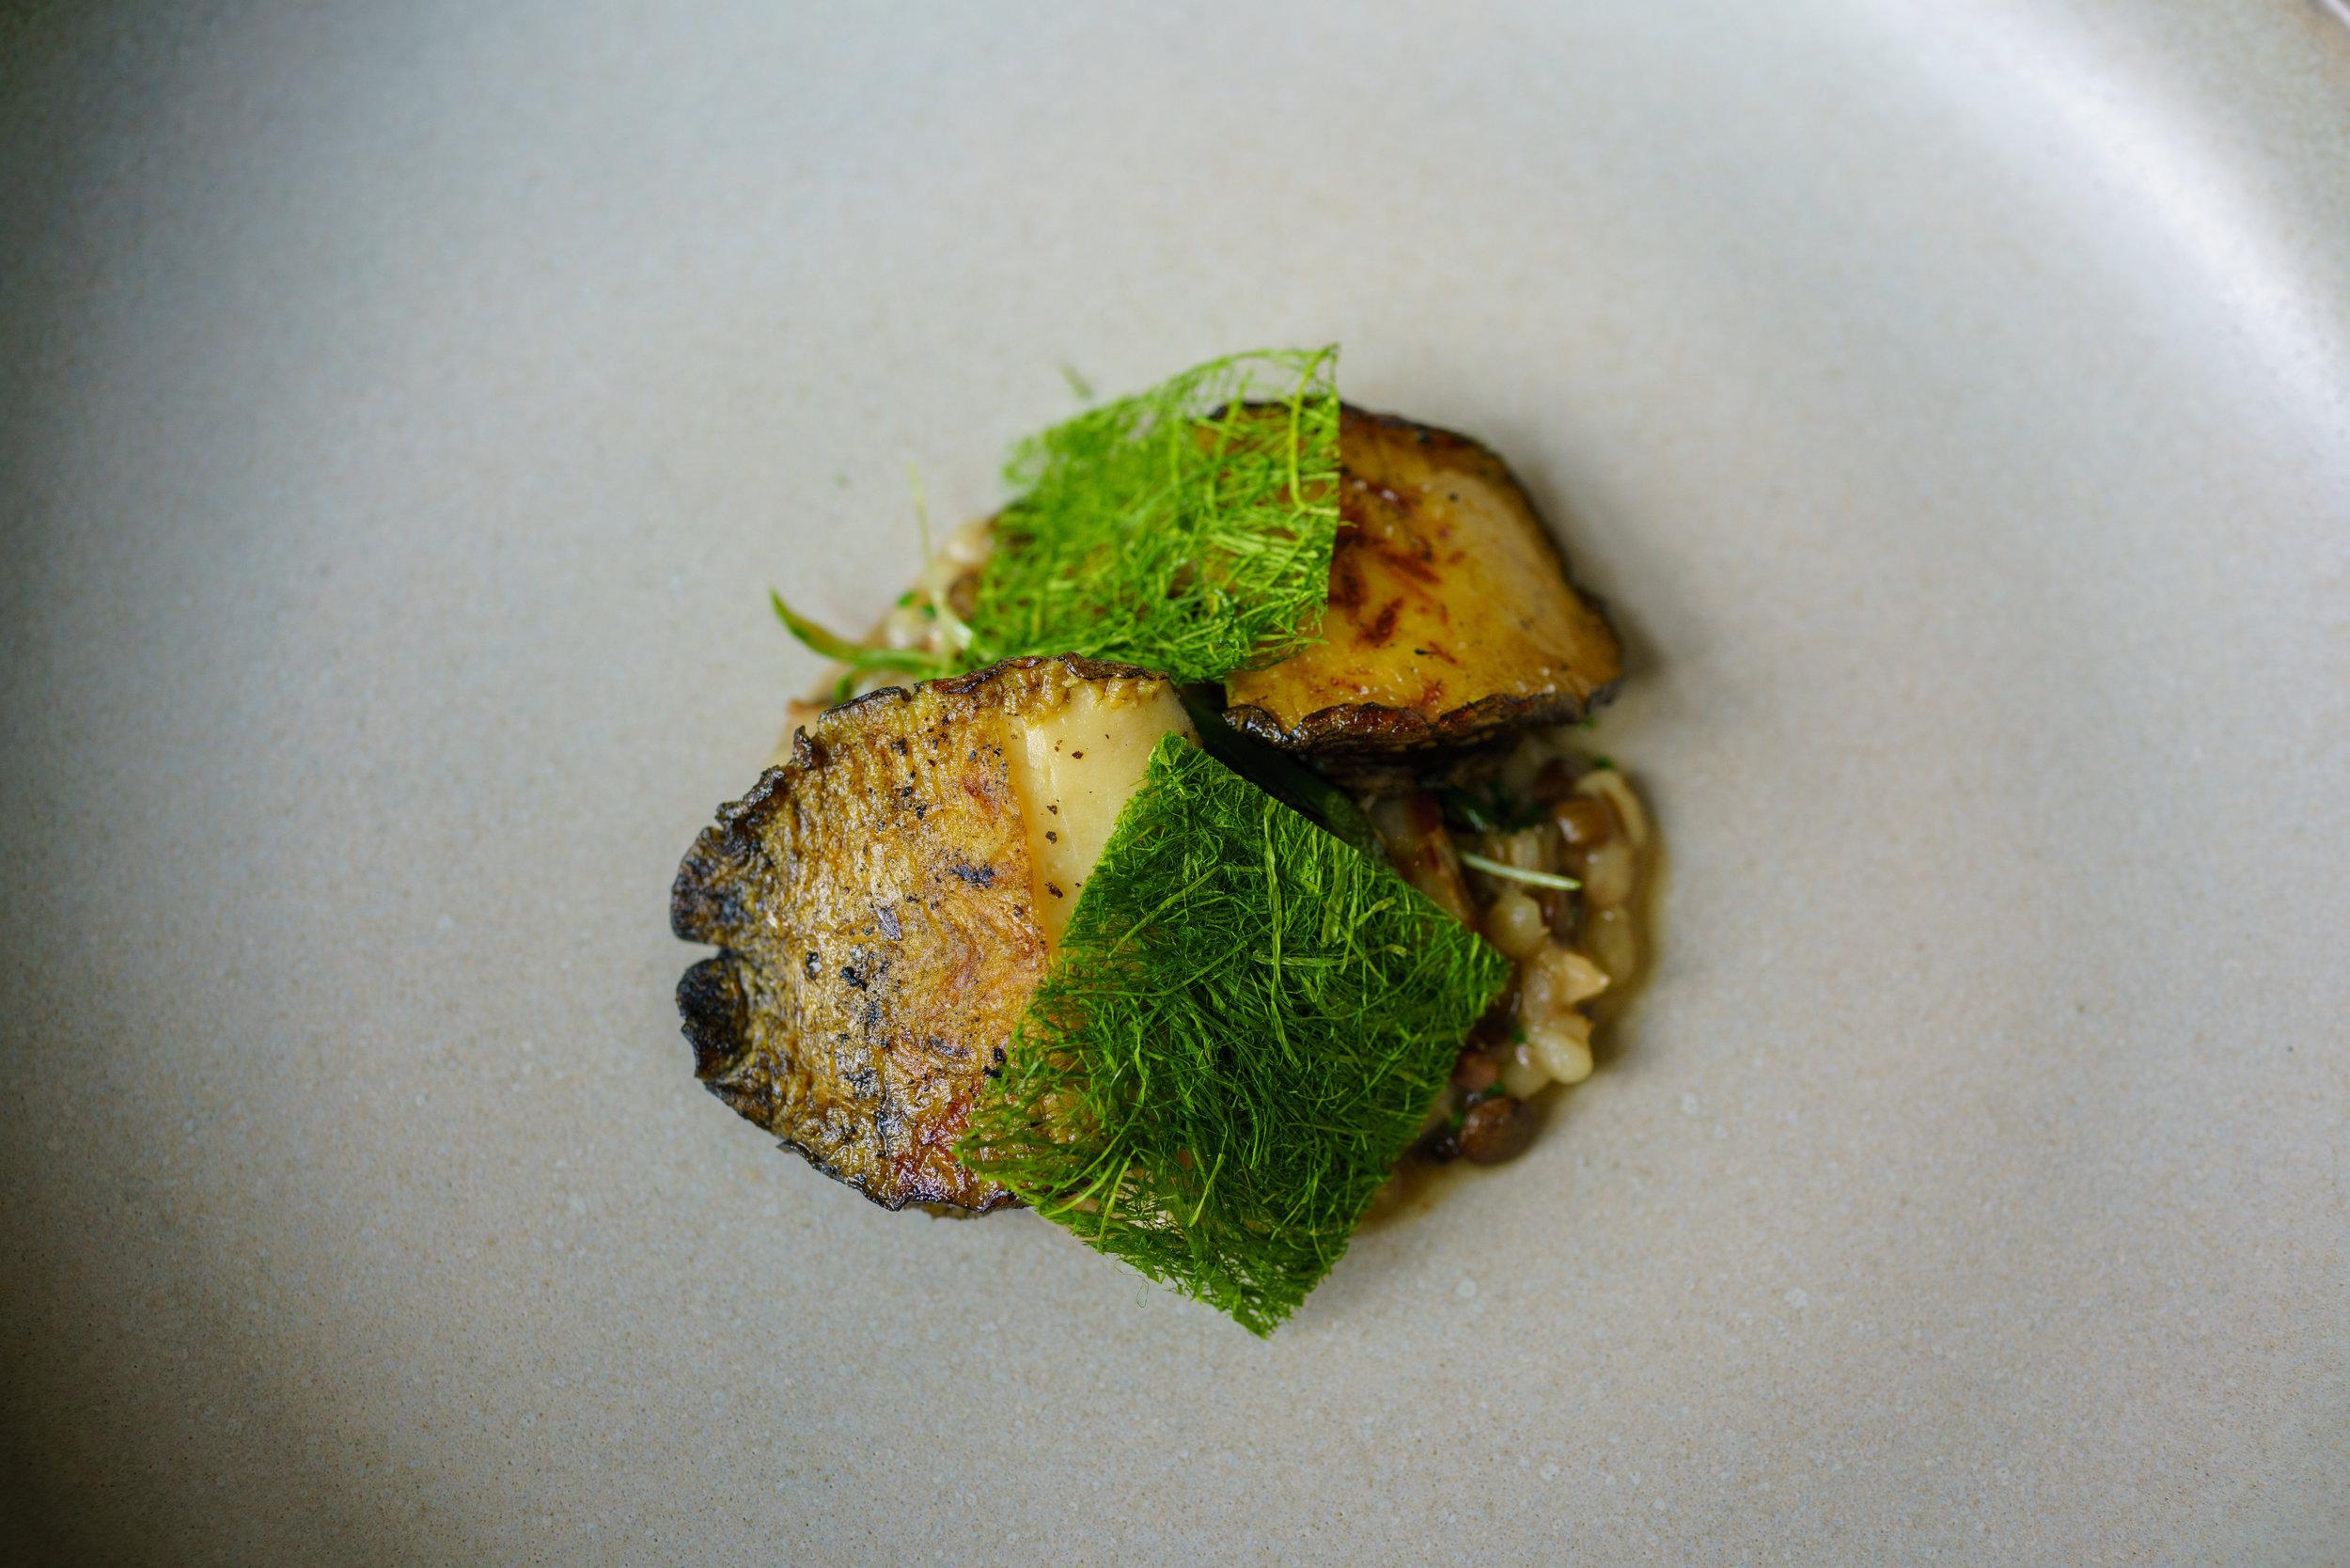 Jeju Abalone, Garlic Shoot